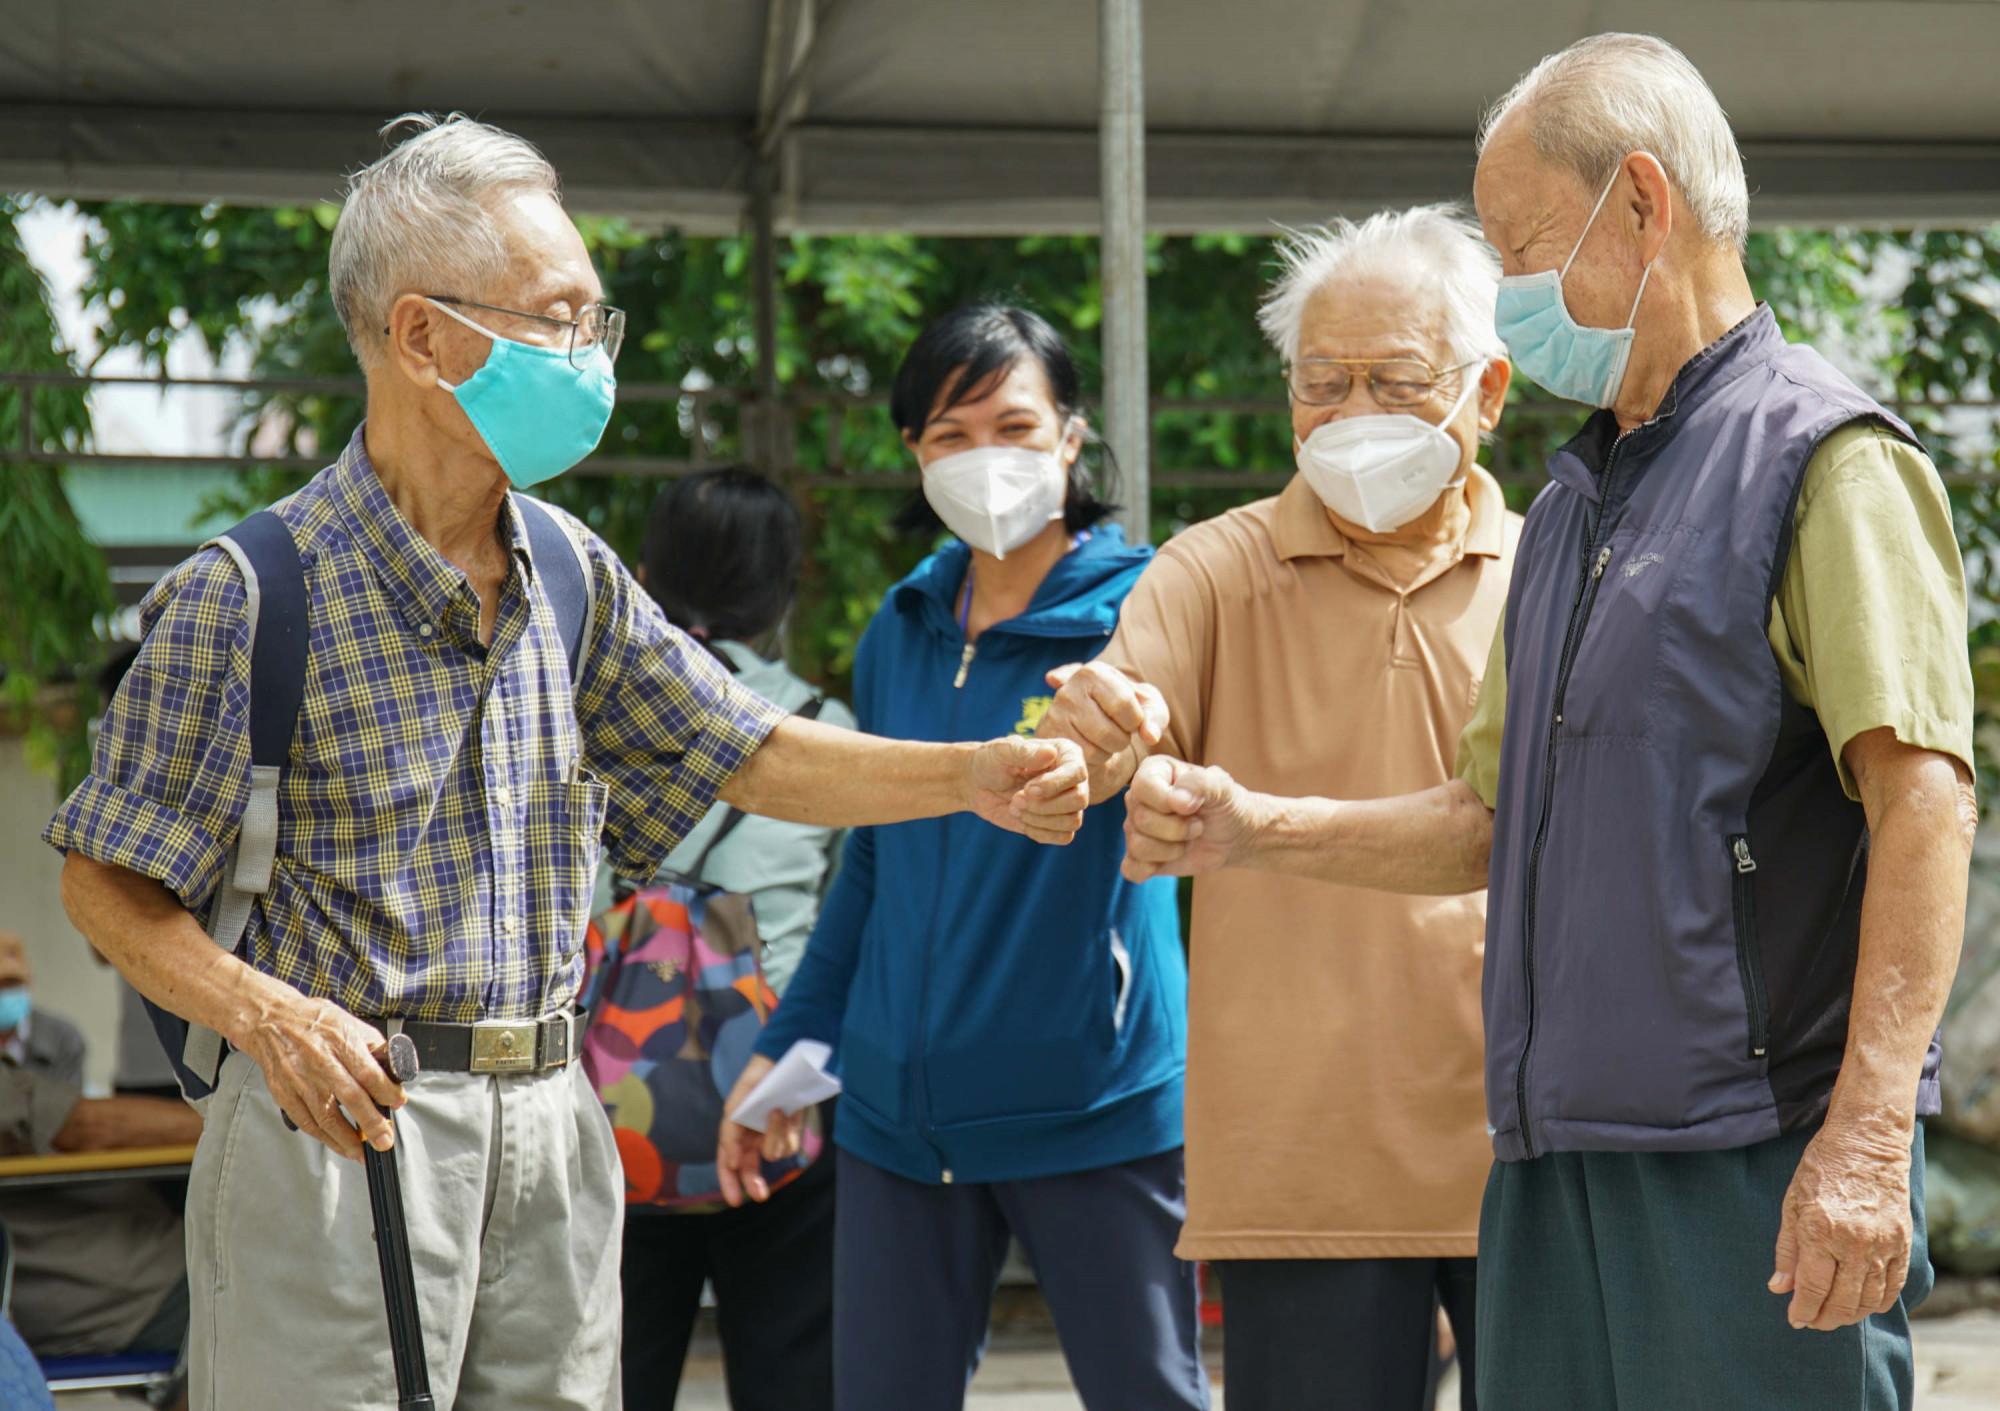 Các cụ ông tại phường Thảo Điền chúc mừng nhau sau khi được tiêm vacxin ngừa Covid-19